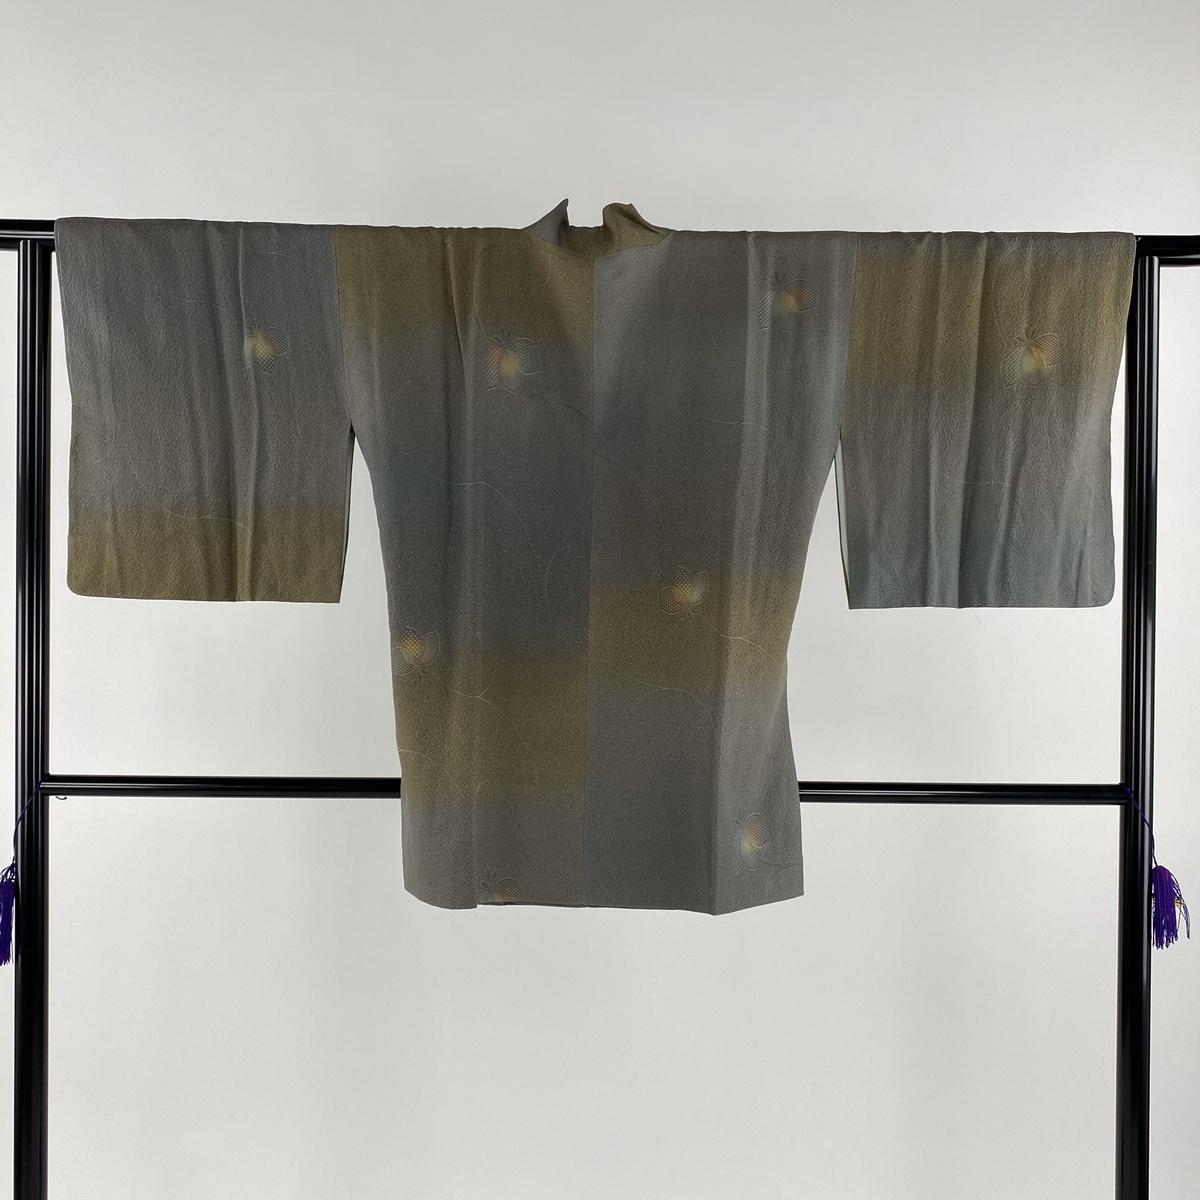 道中着 美品 秀品 和装コート 葉柄 ぼかし 灰緑 身丈80cm 裄丈65cm M 正絹 【中古】